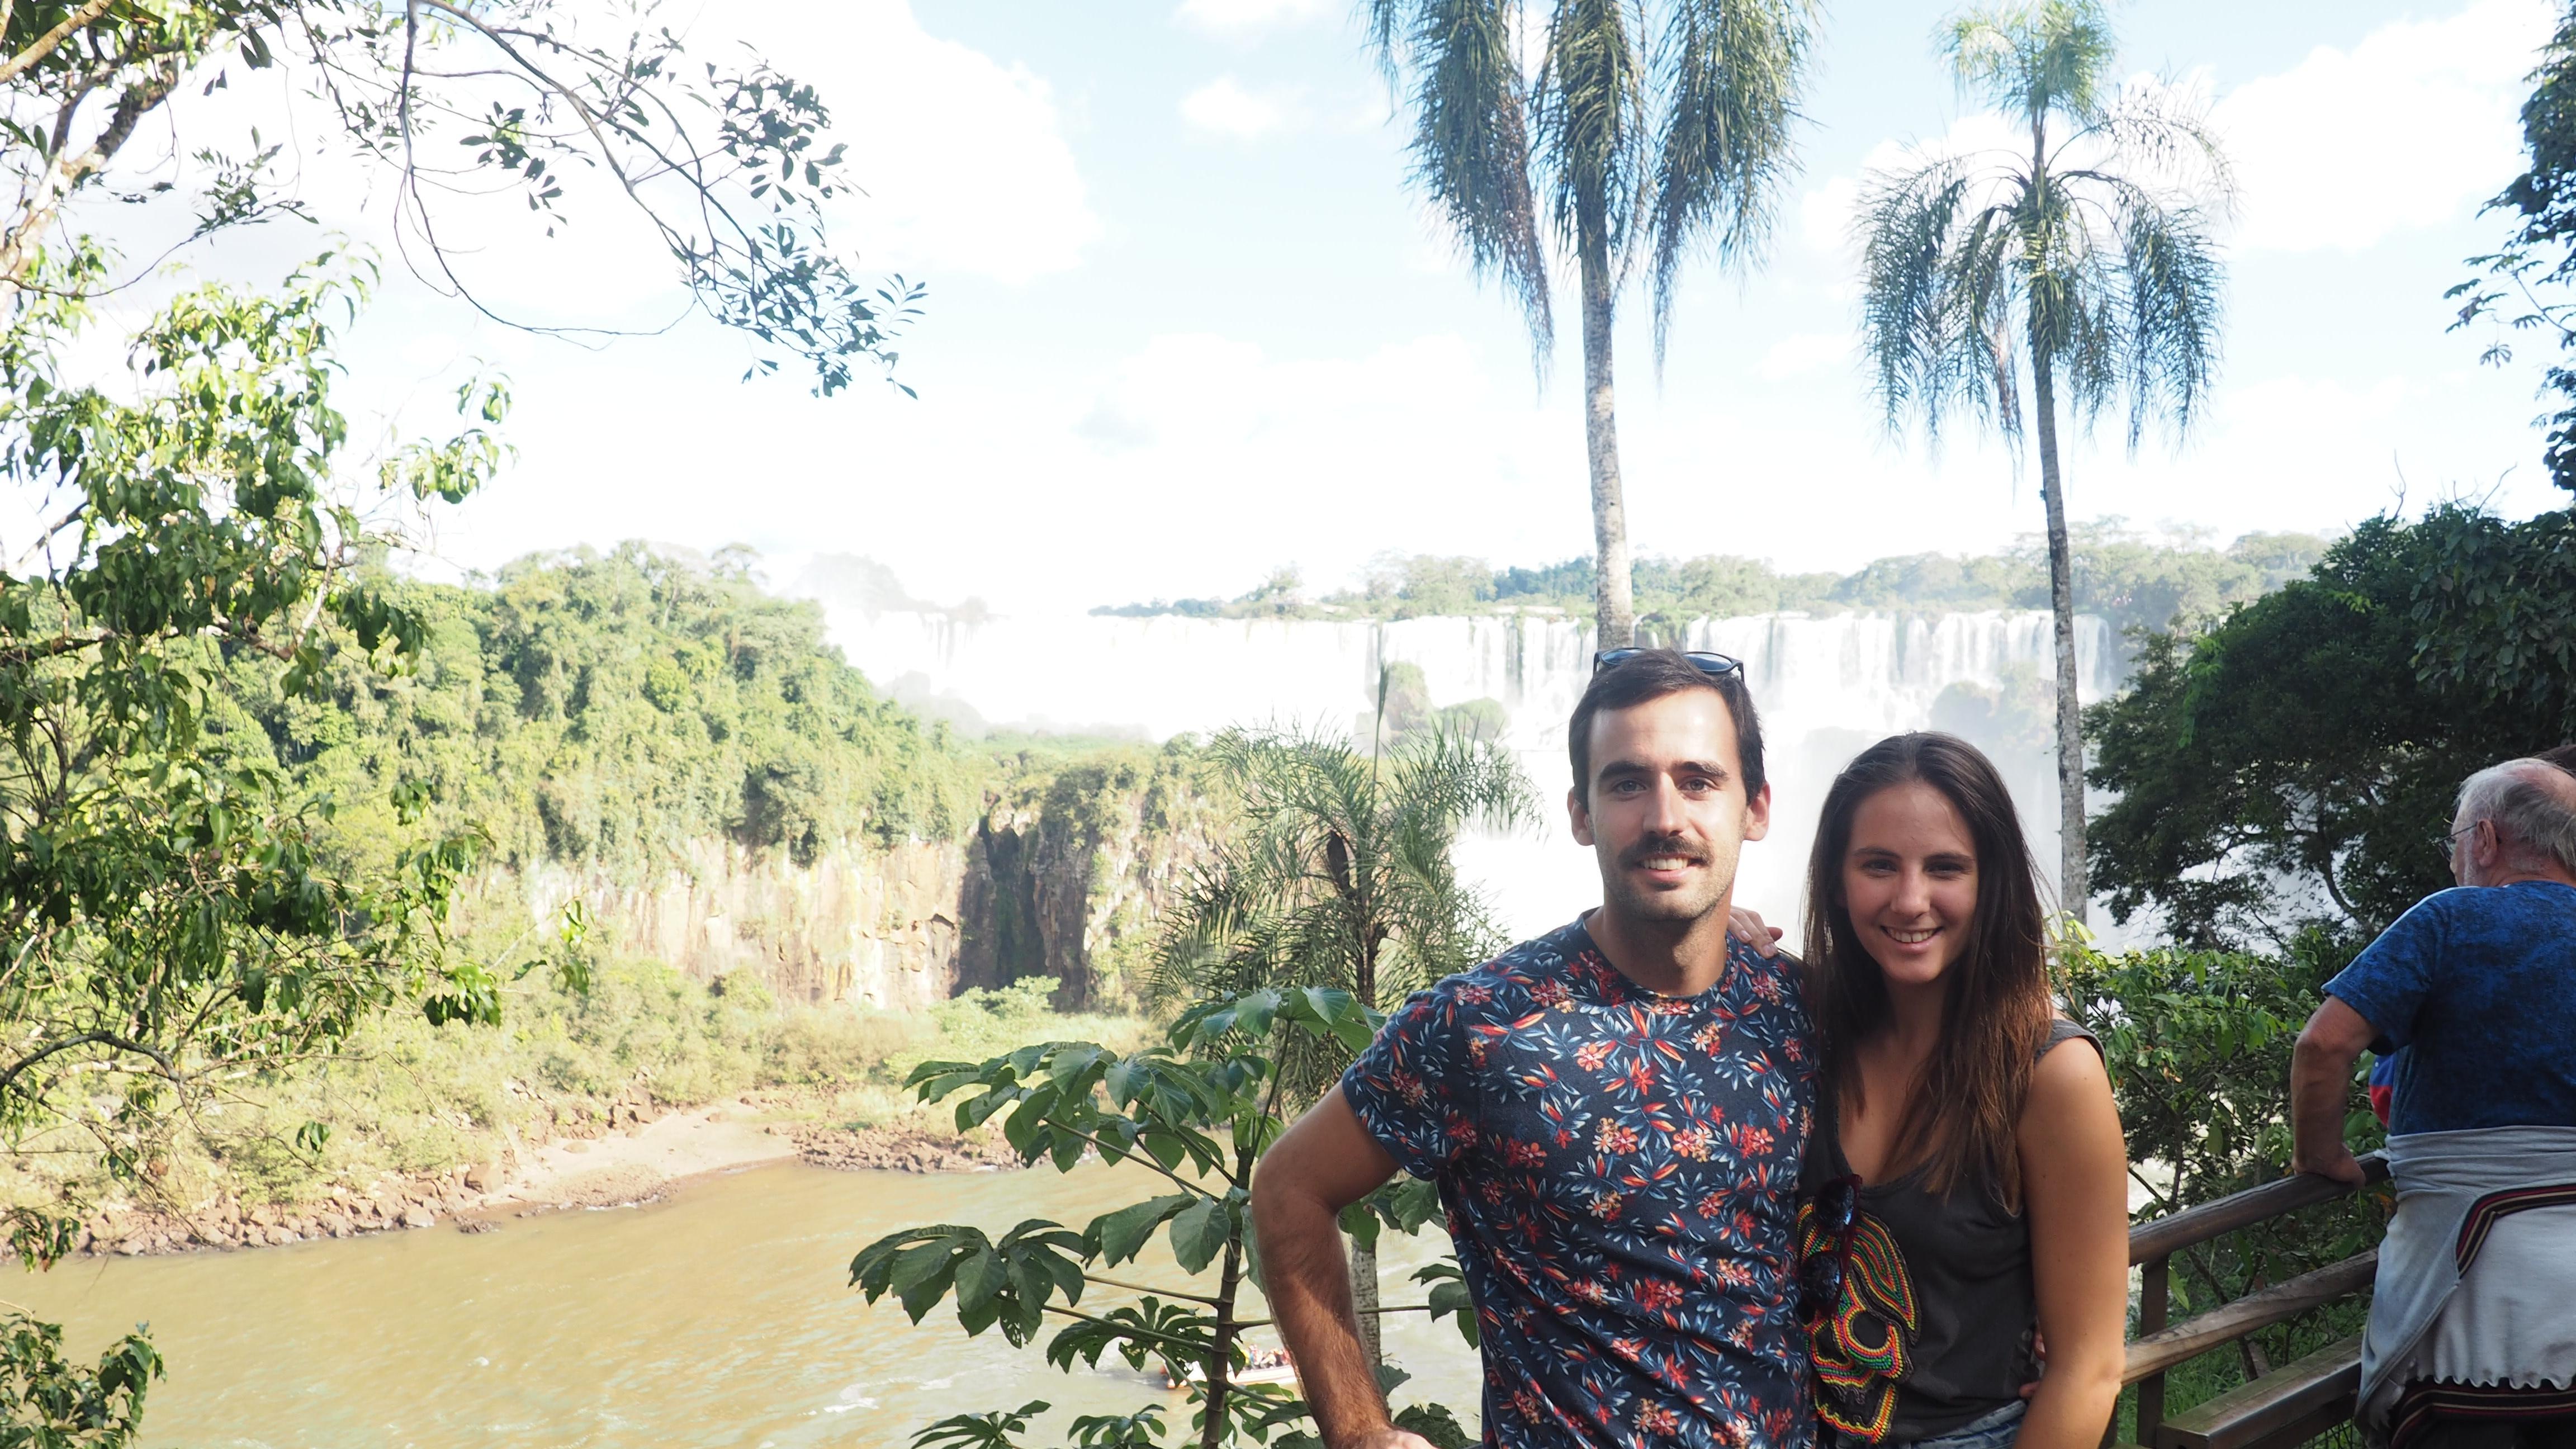 Aitor y Miren en las Cataratas de Iguazú, qué ropa llevar a las Cataratas del Iguazú